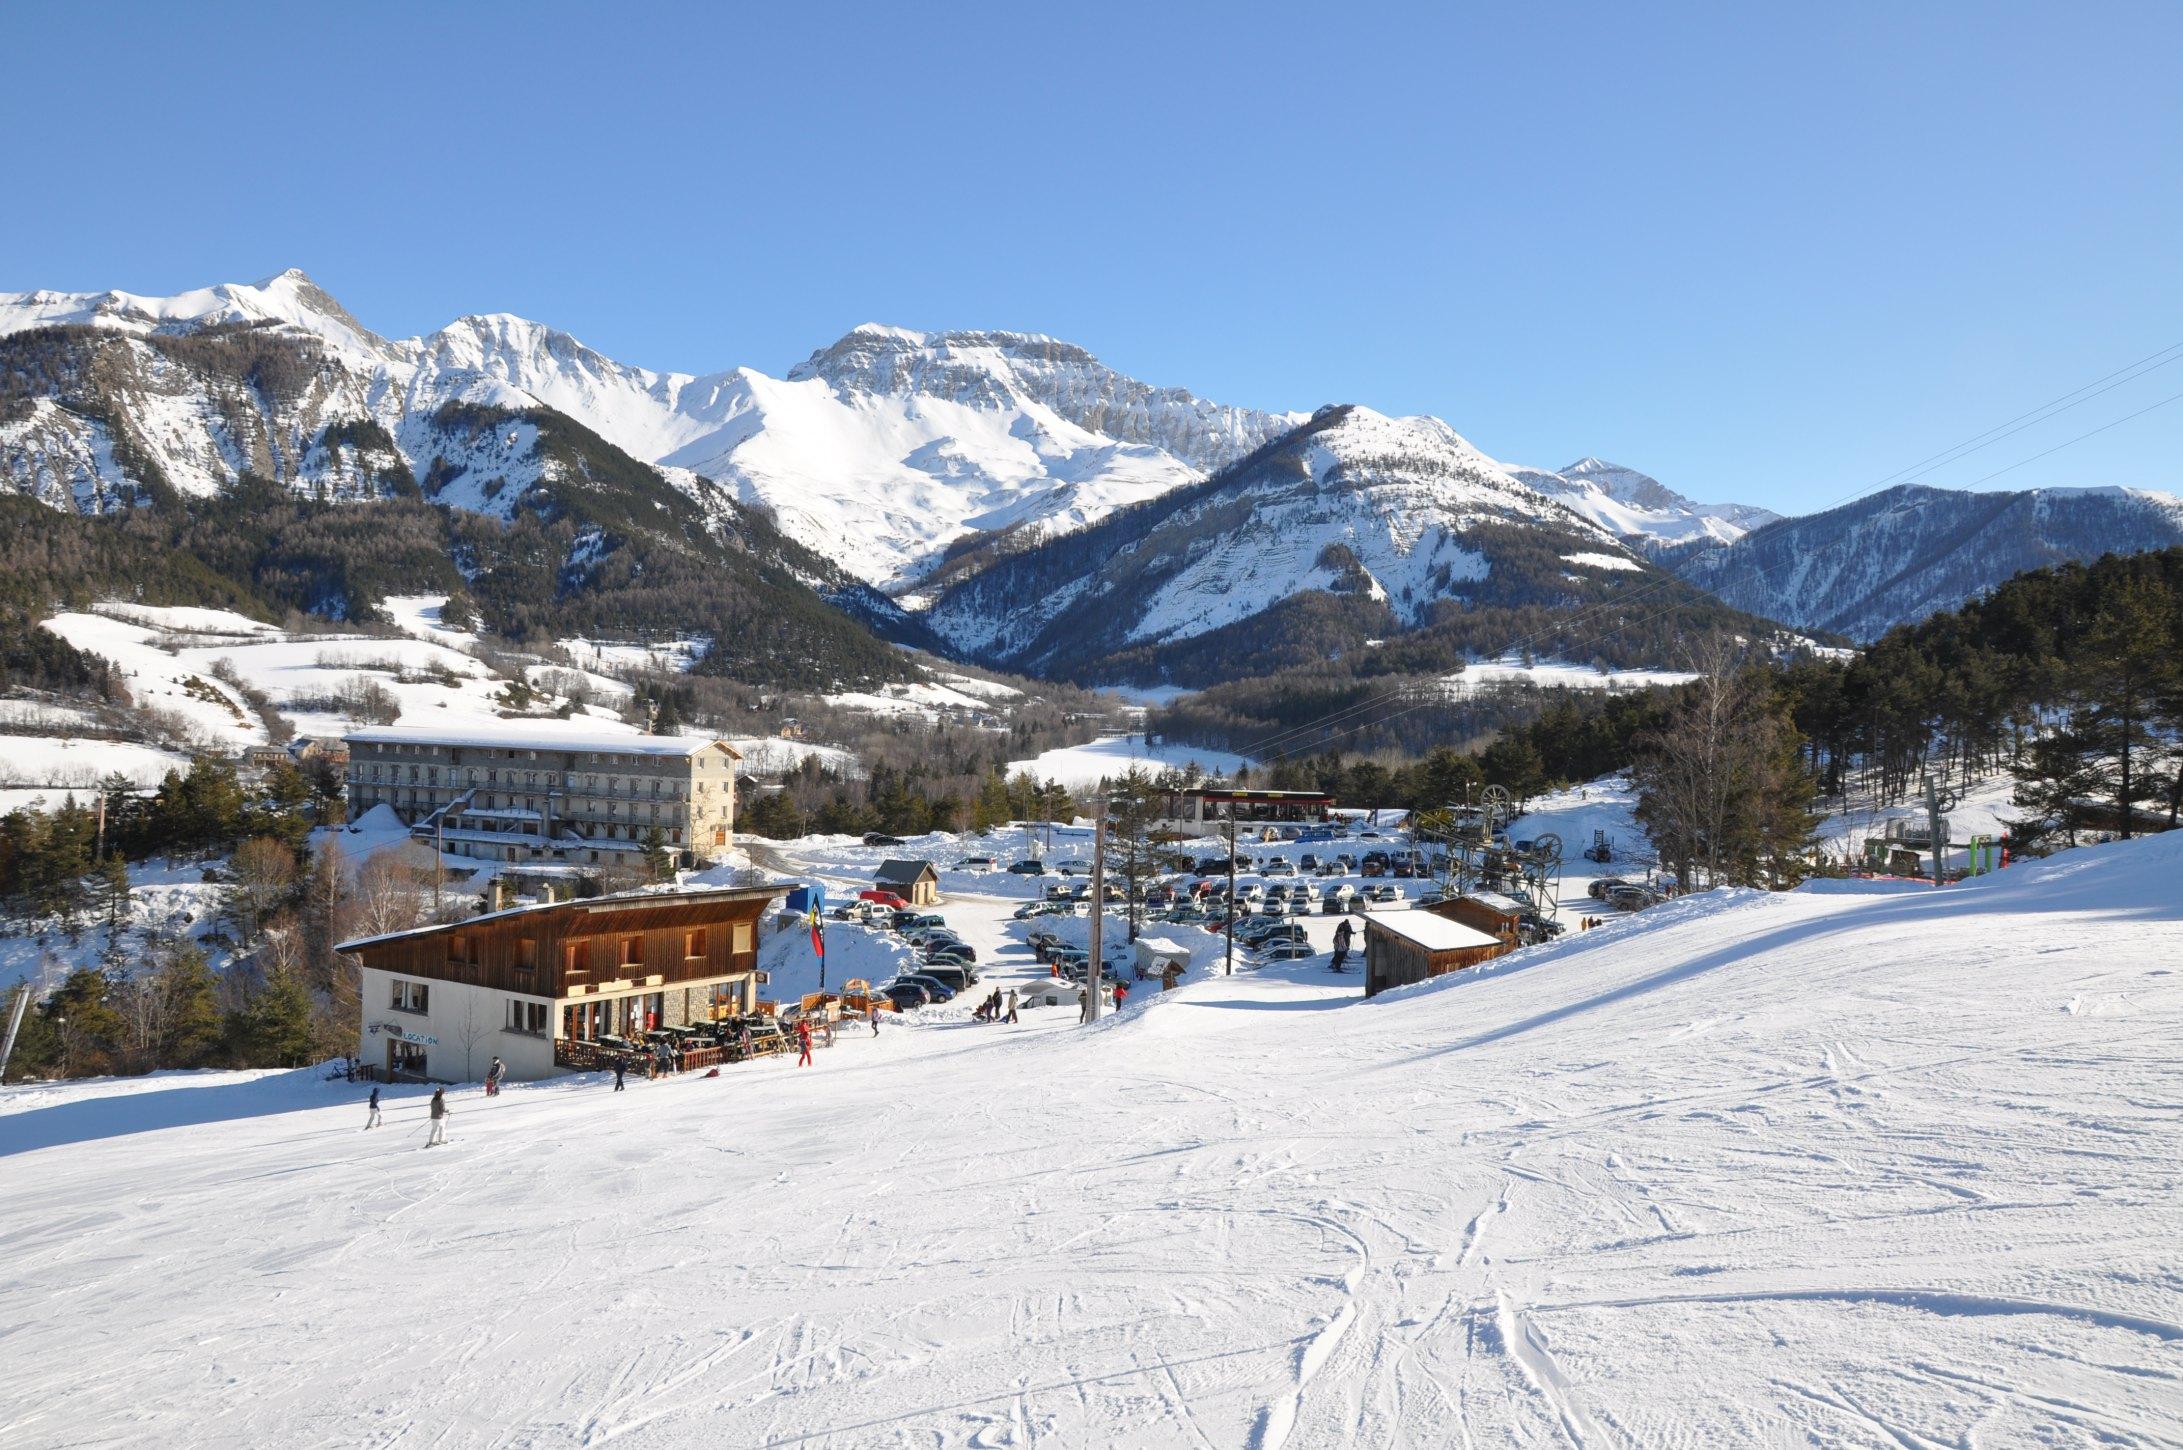 station de ski le grand puy alpes de haute provence tourisme. Black Bedroom Furniture Sets. Home Design Ideas